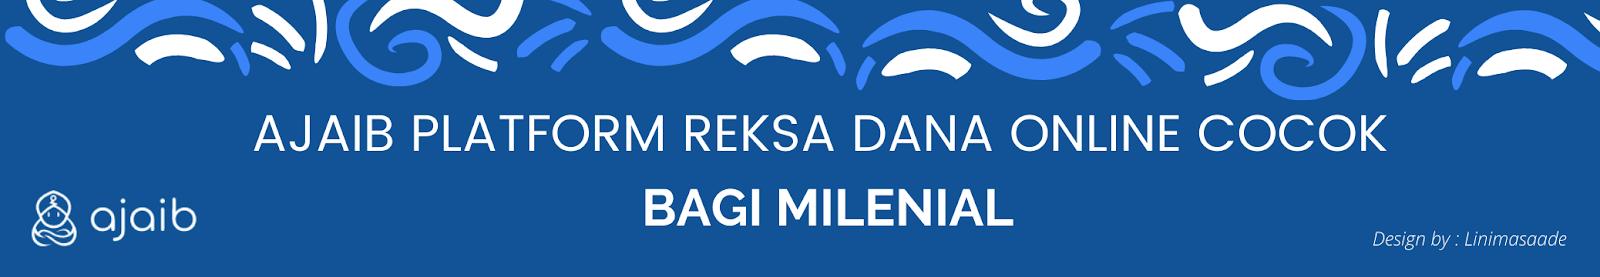 Ajaib Platform Reksa Dana Online Cocok Bagi Milenial